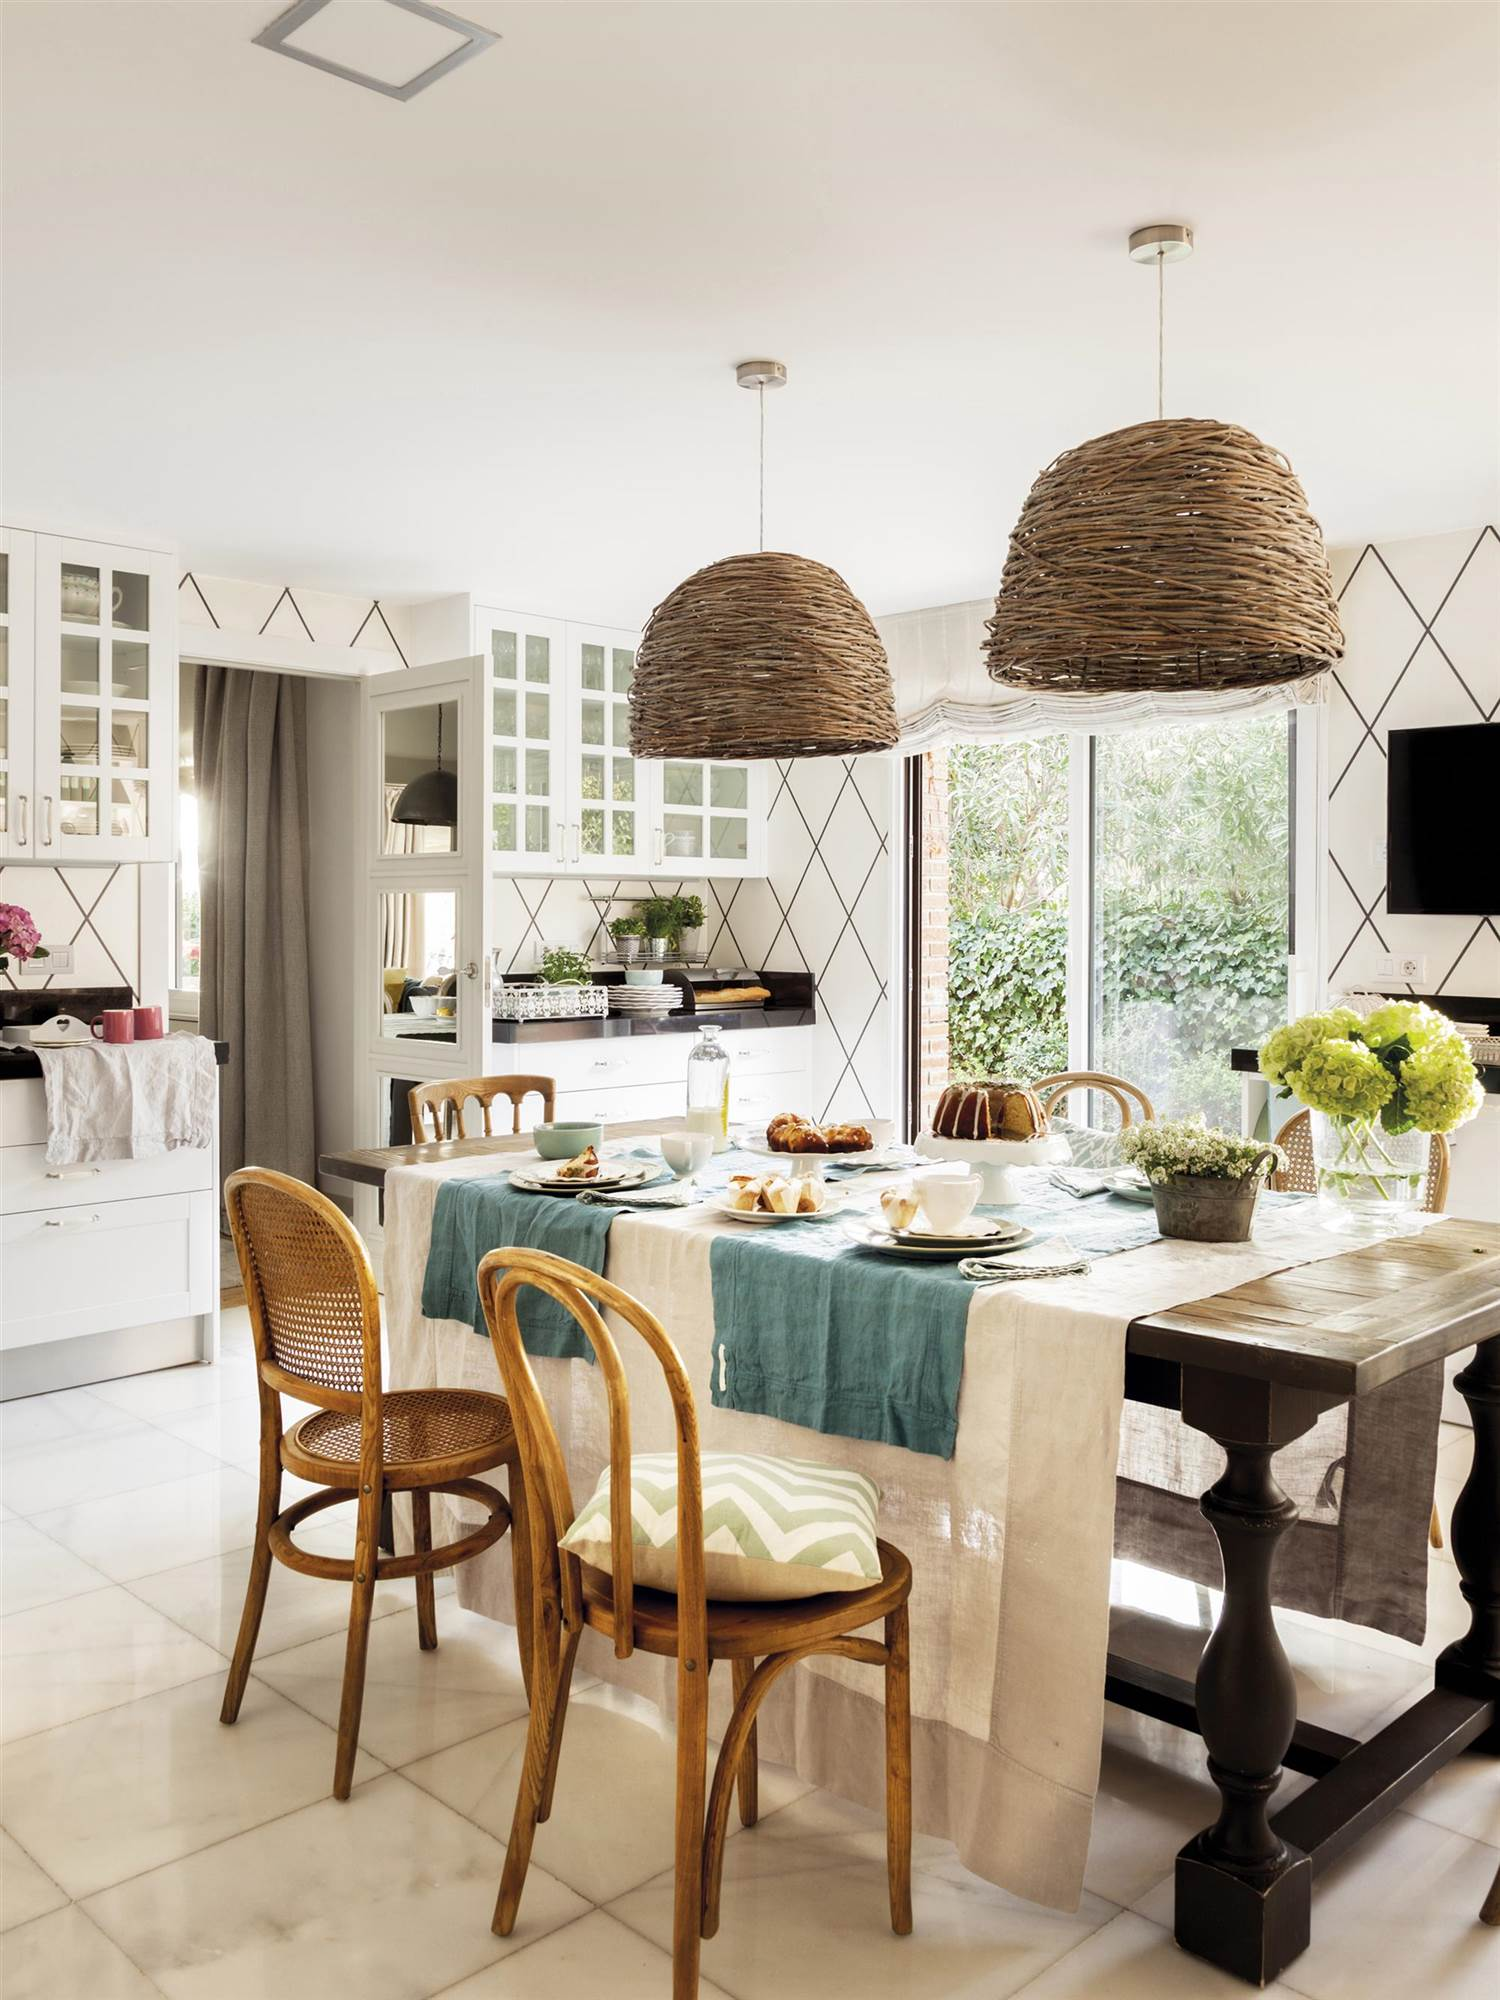 L mparas de techo el mueble - Mesa cocina con sillas ...